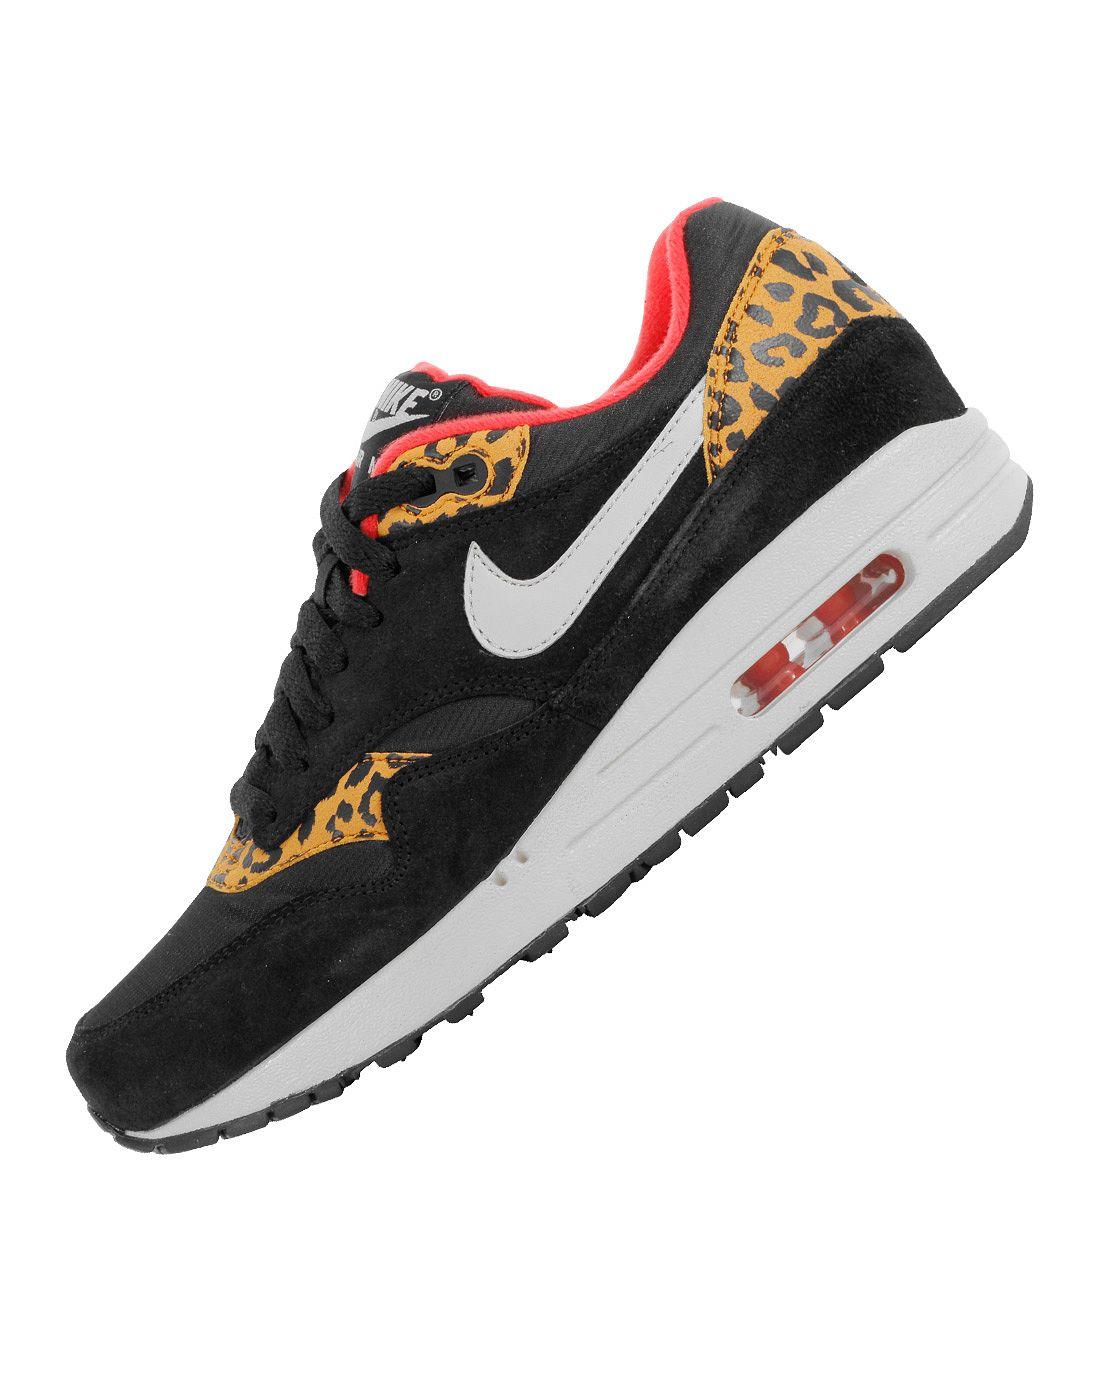 nike air max 1 leopard 2012 pas cher